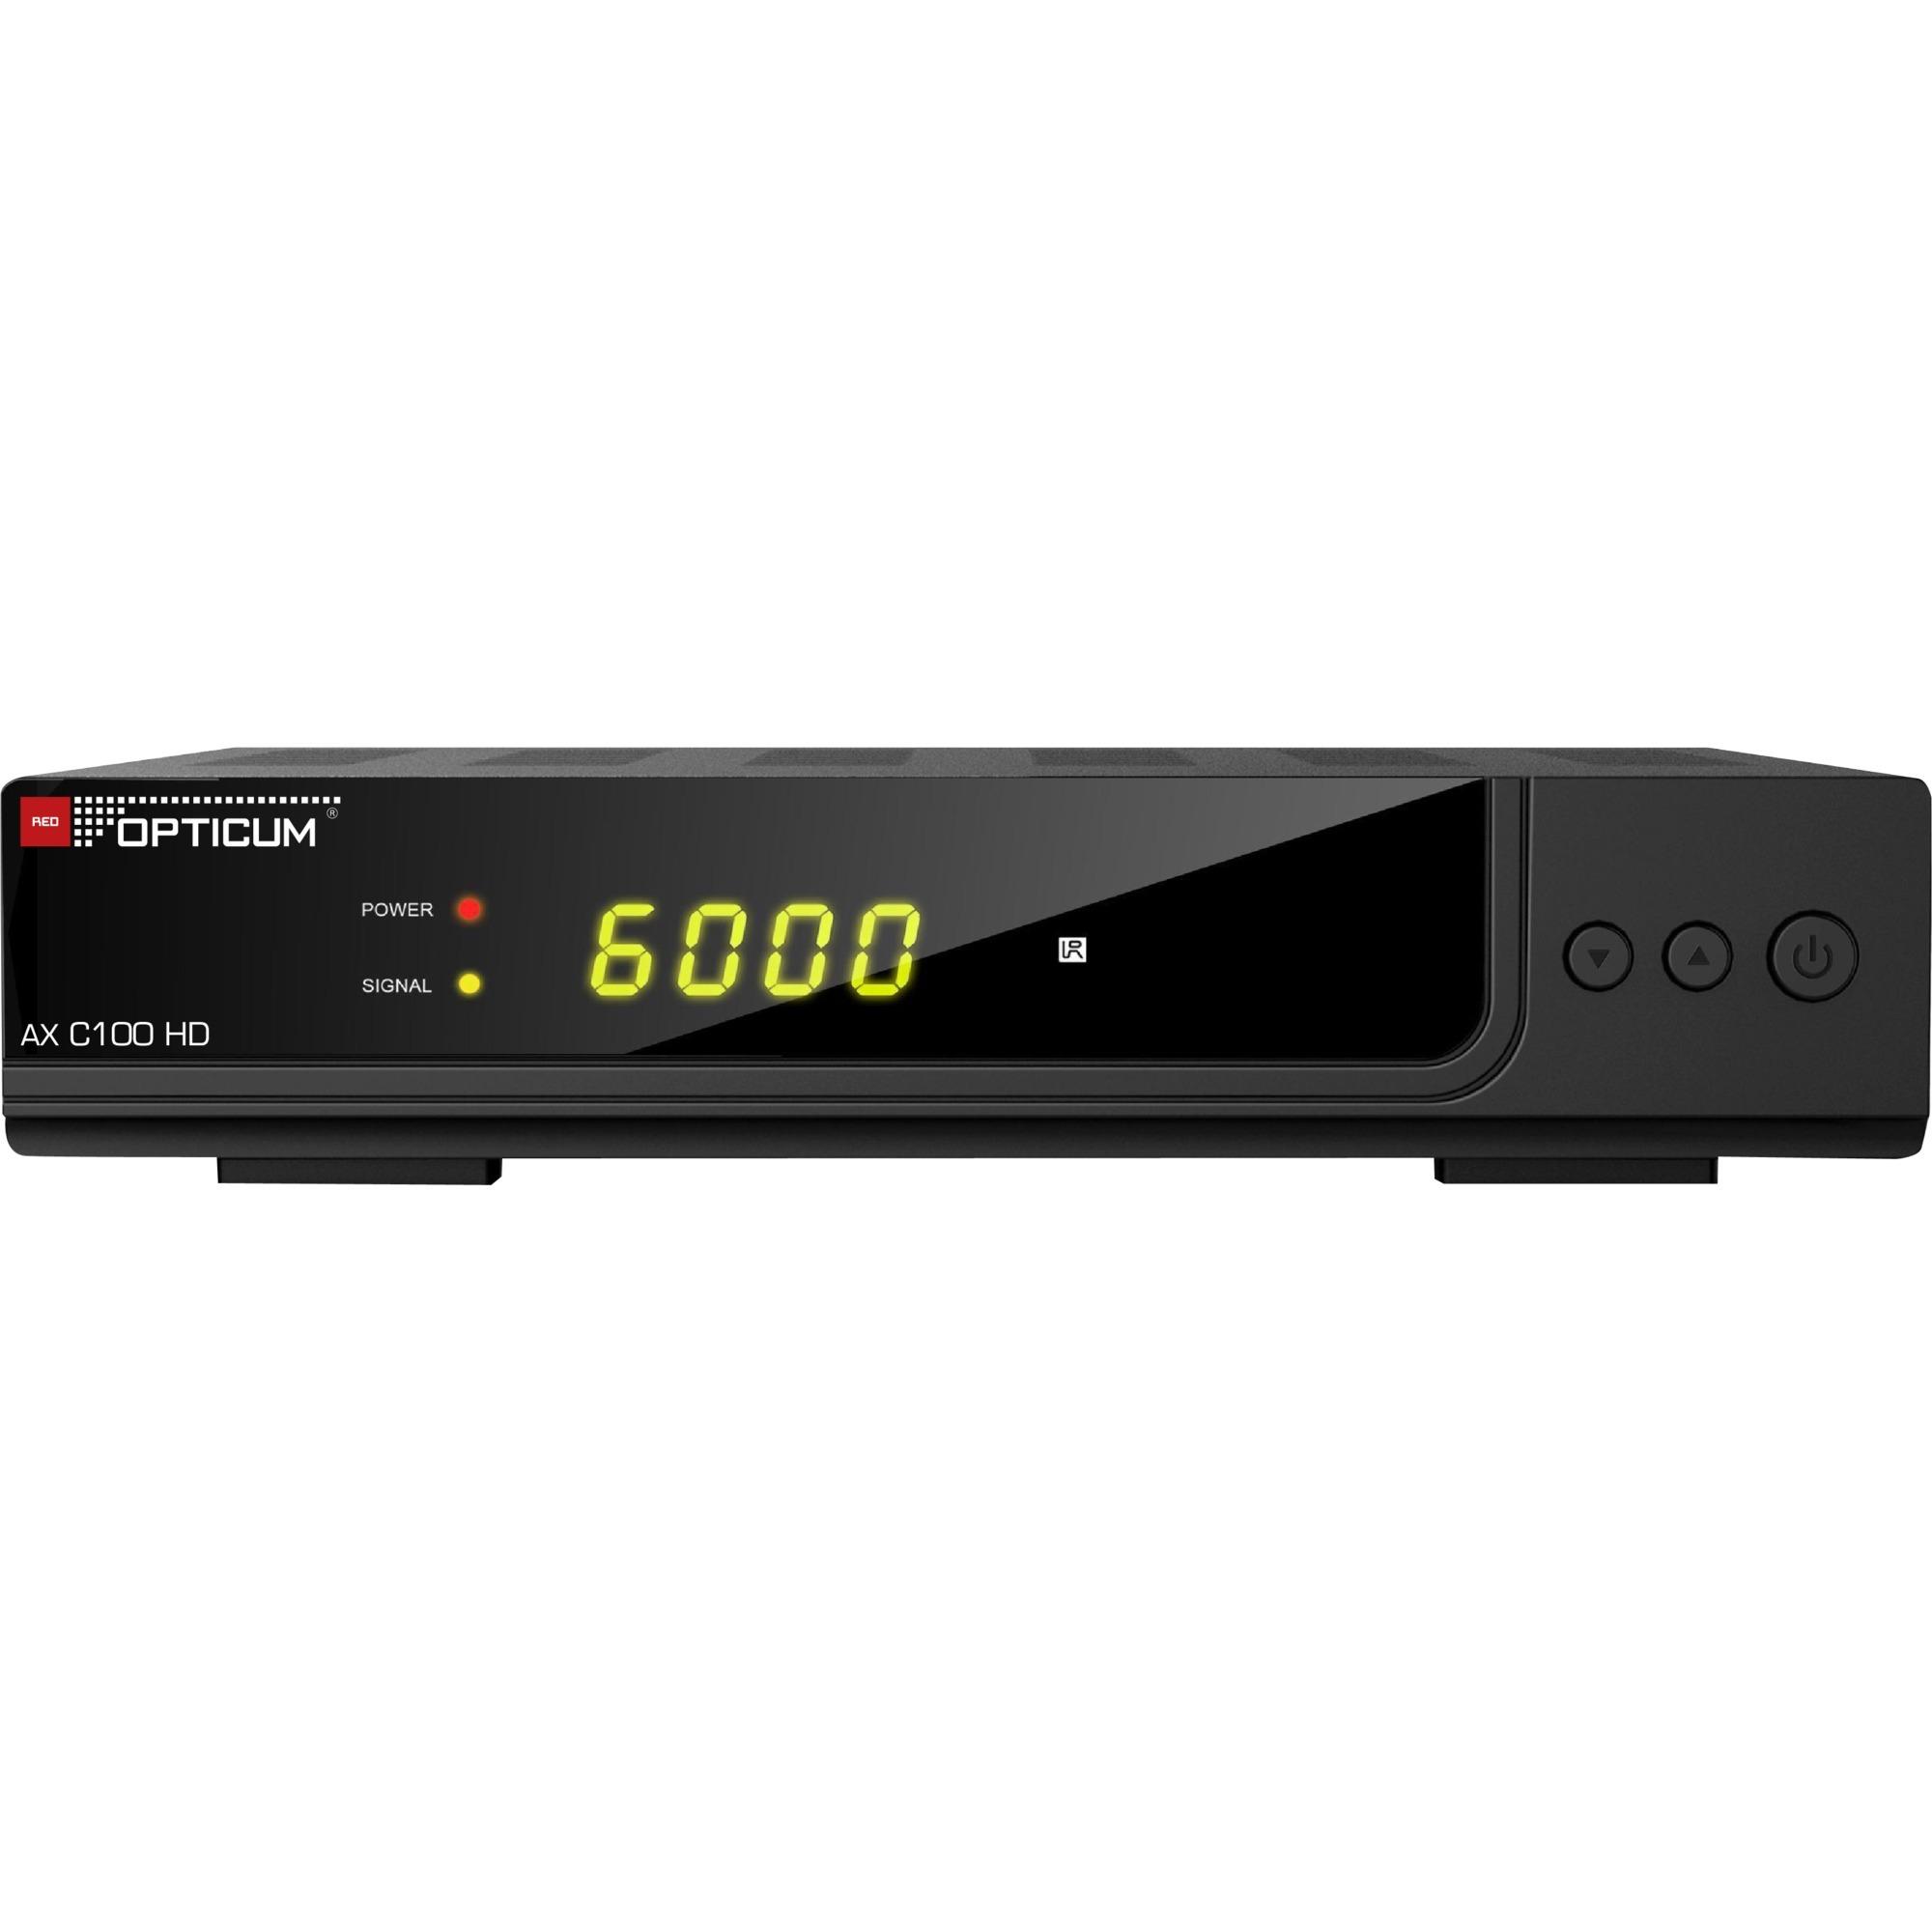 C100 HD PVR, Kabel-modtager